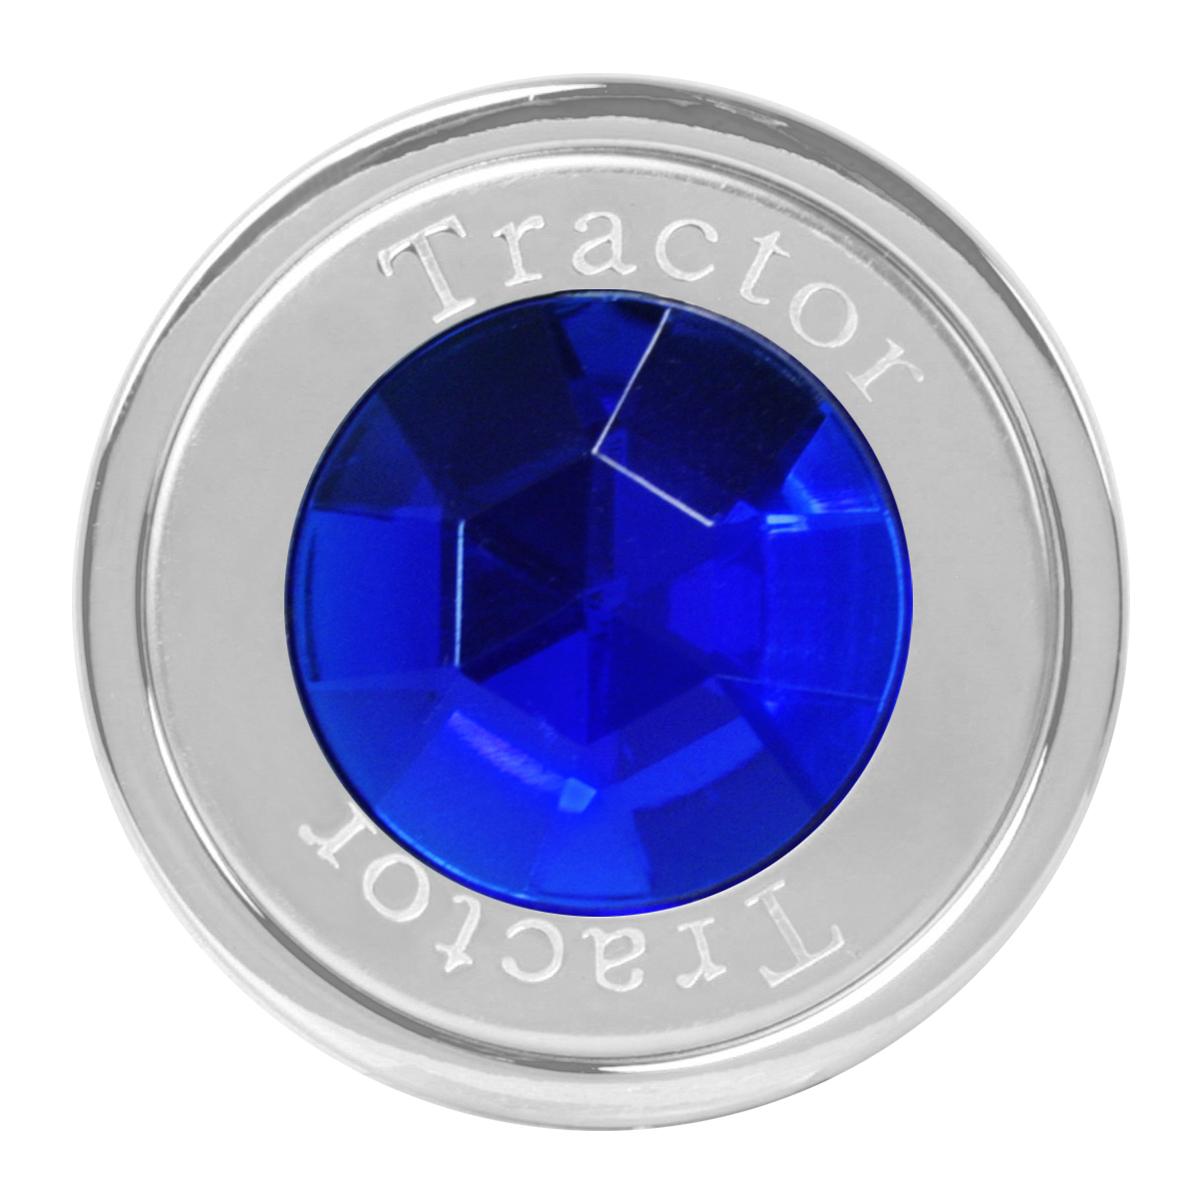 95831 Tractor Air Control Knob w/ Blue Crystal